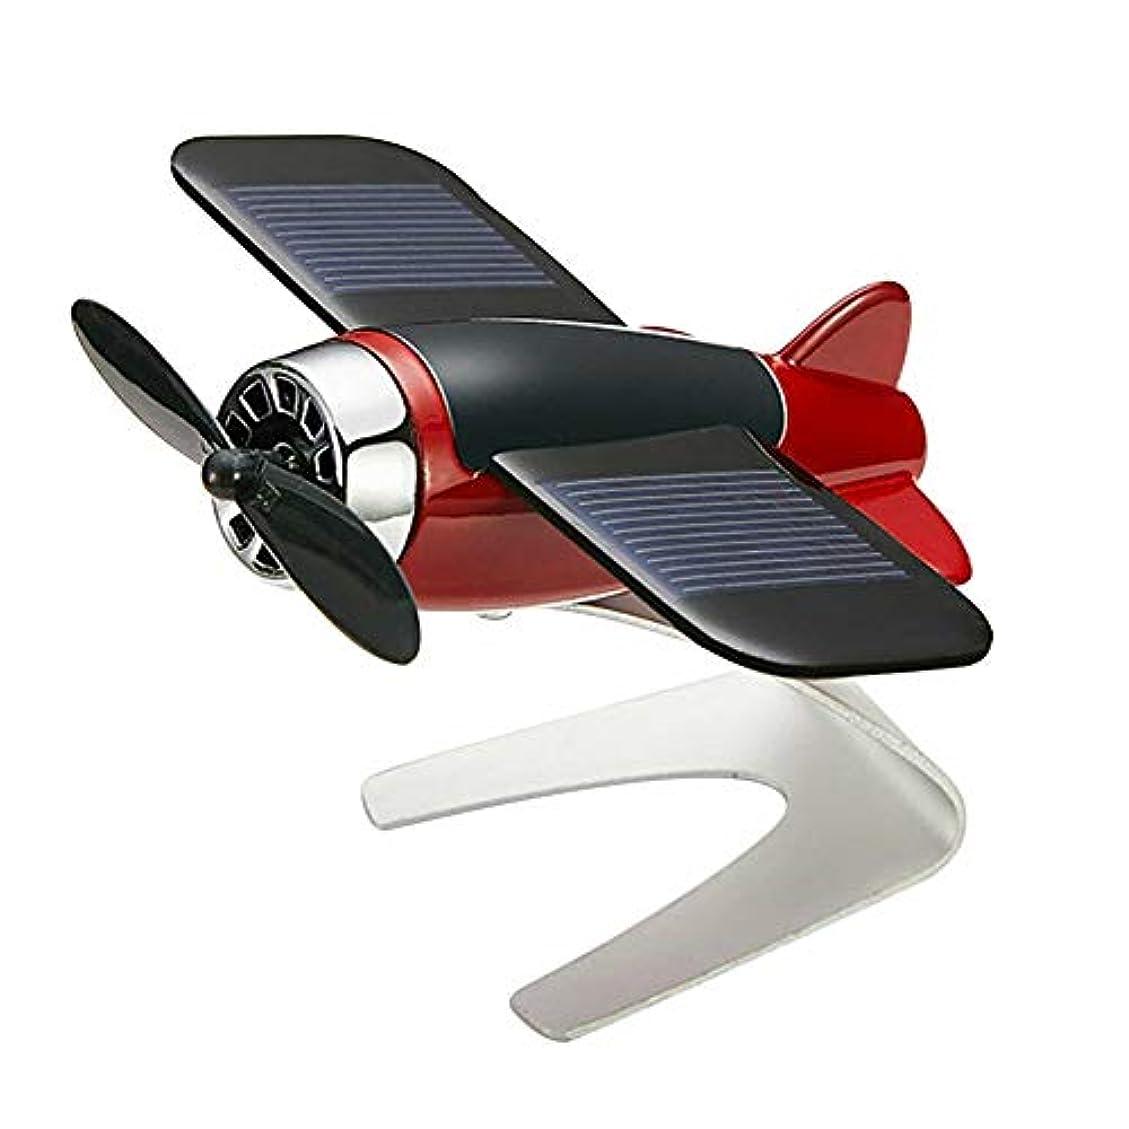 踊り子直立退院Symboat 車の芳香剤飛行機航空機モデル太陽エネルギーアロマテラピー室内装飾